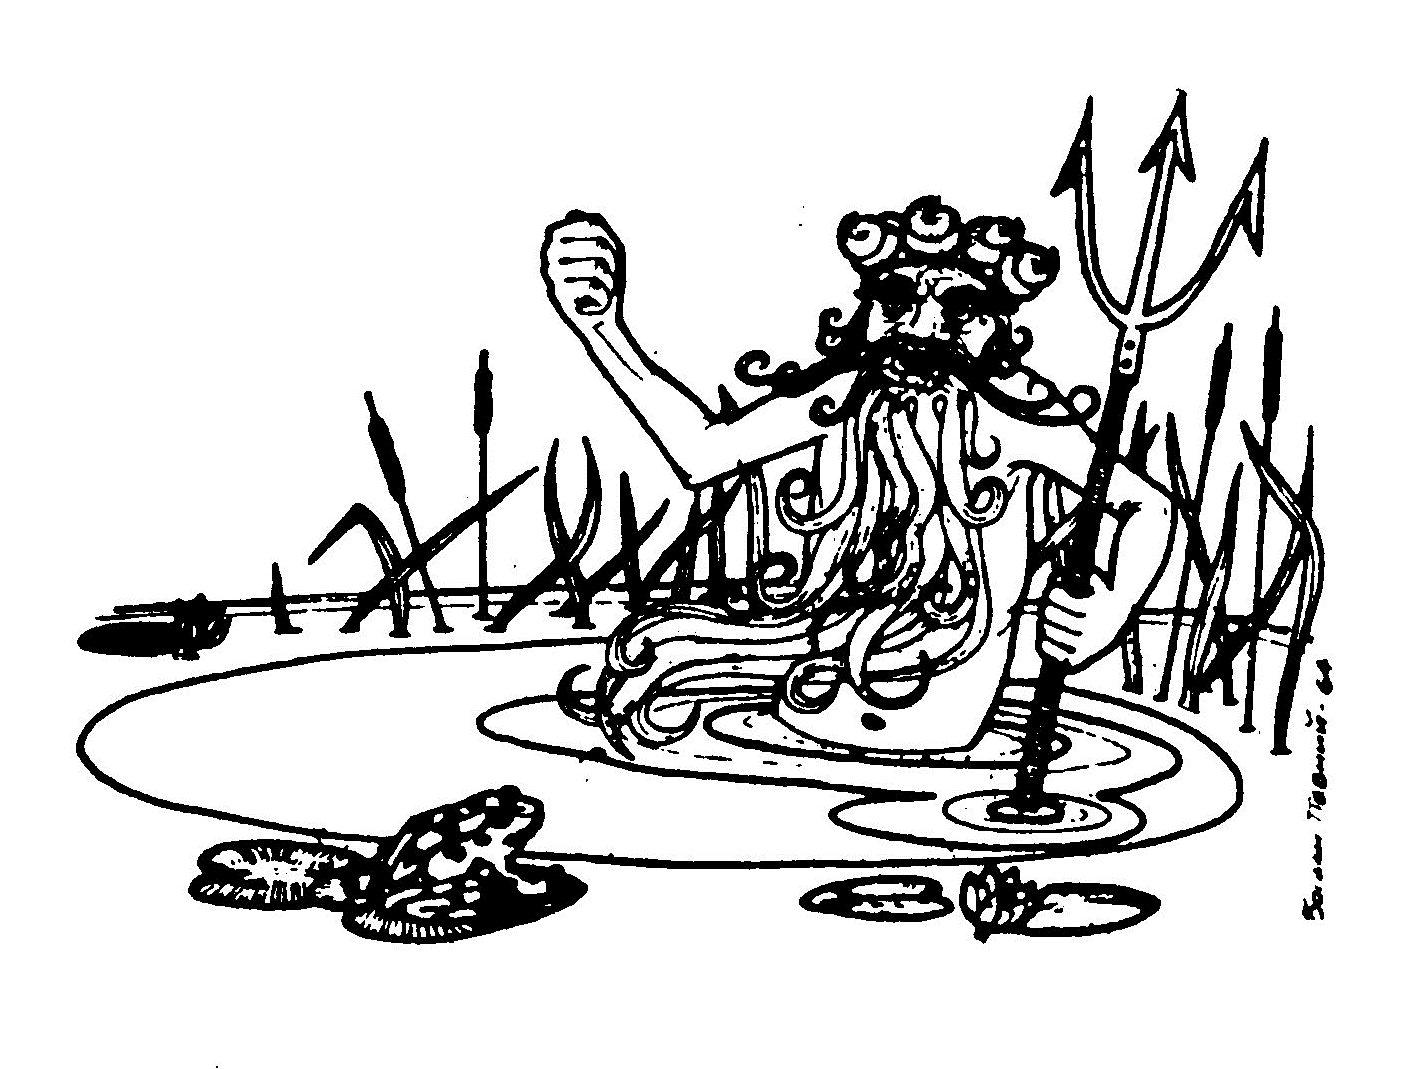 Водяник (за нашим старовинним народнім віруванням — водний демон) із своїм знам'ям, подібним до тризуба. Знам'я грецького бога моря (з поганських часів) — Посейдона також дуже подібне до тризуба.